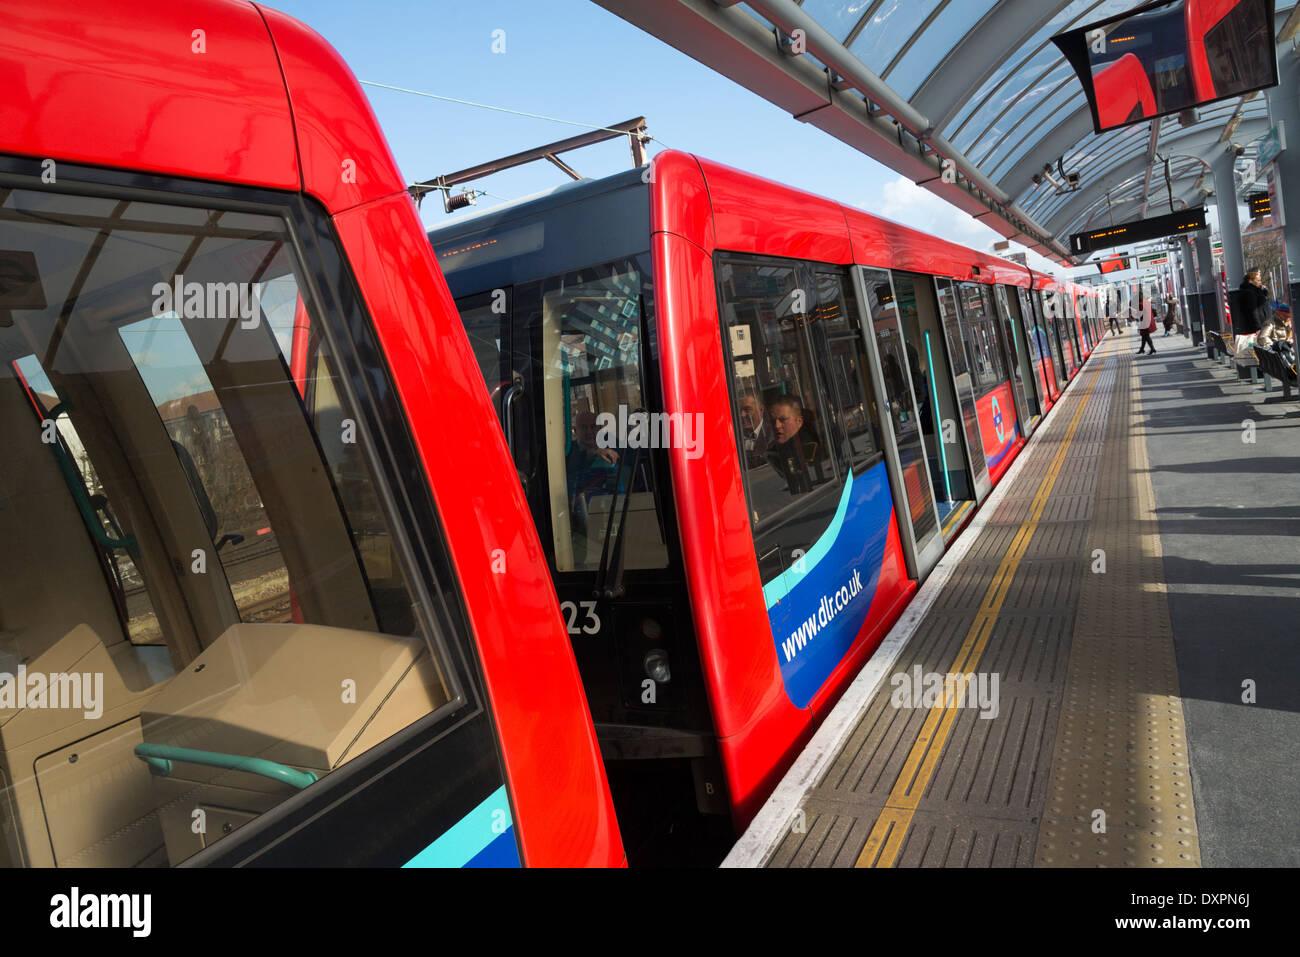 DLR station, Docklands, London, England, UK - Stock Image